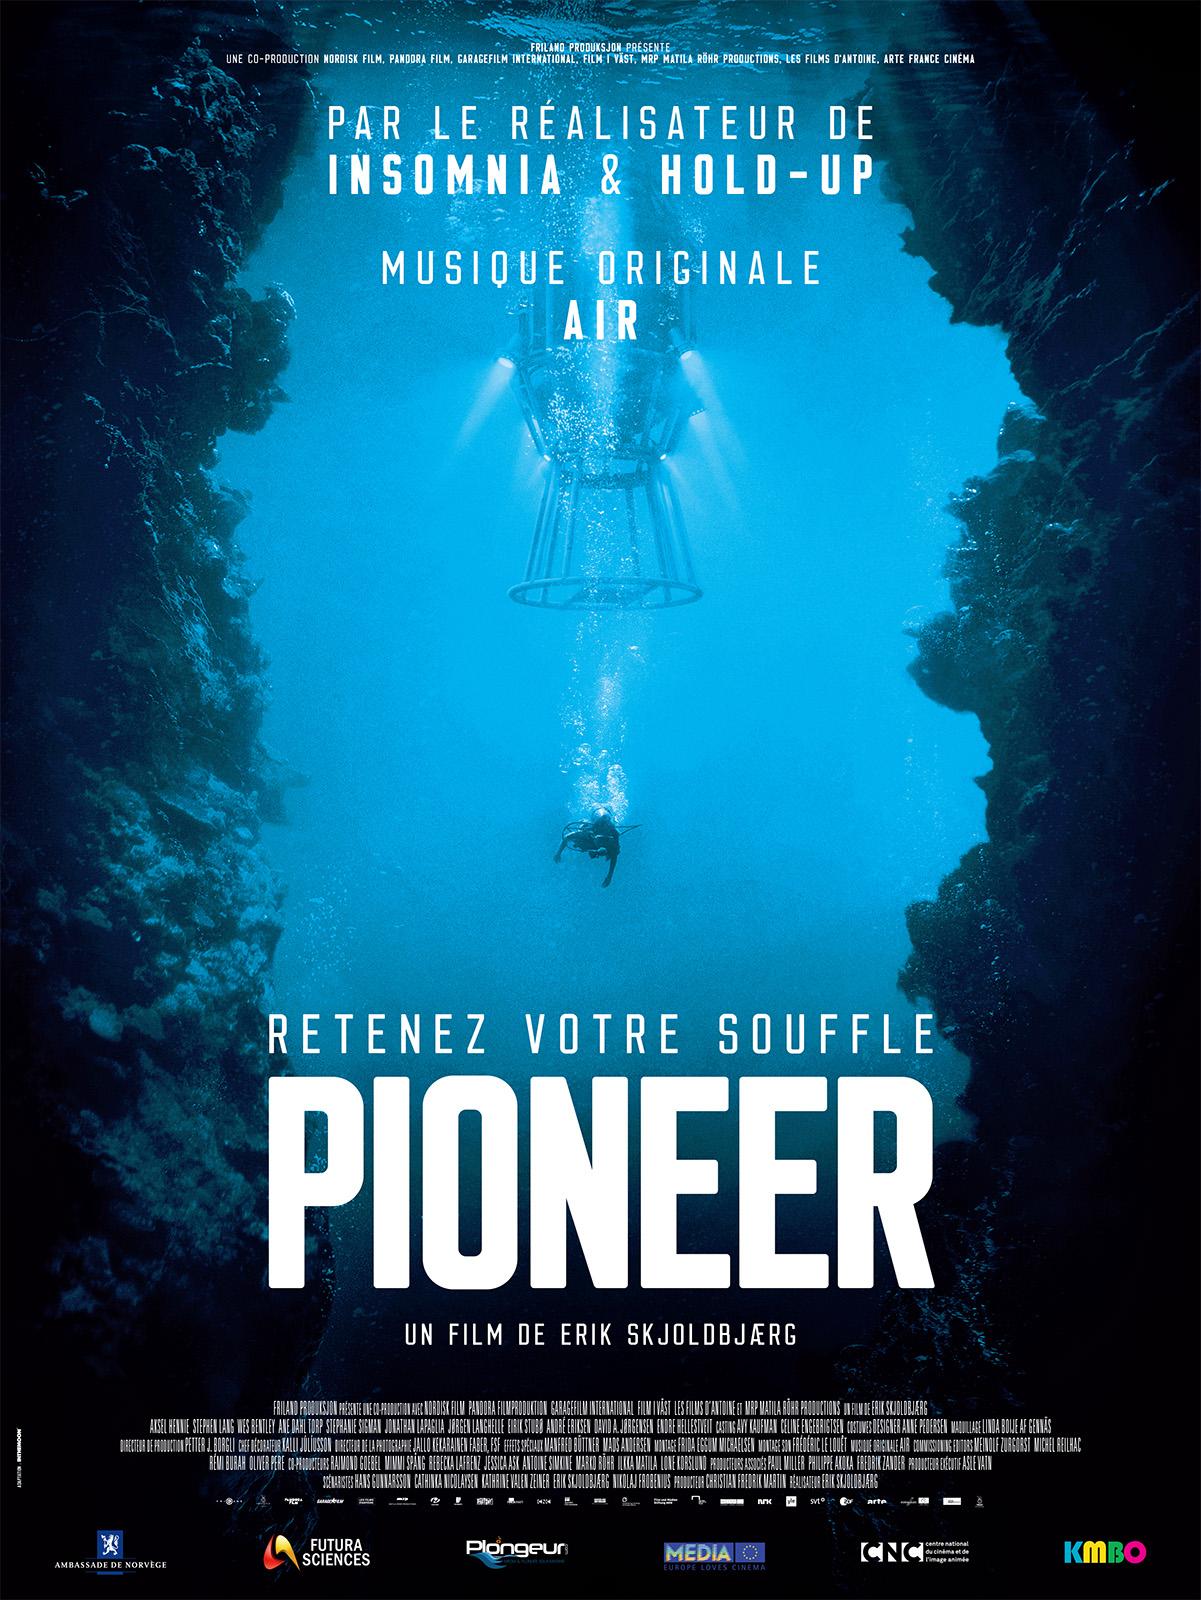 Pioneer VOSTFR BDRiP